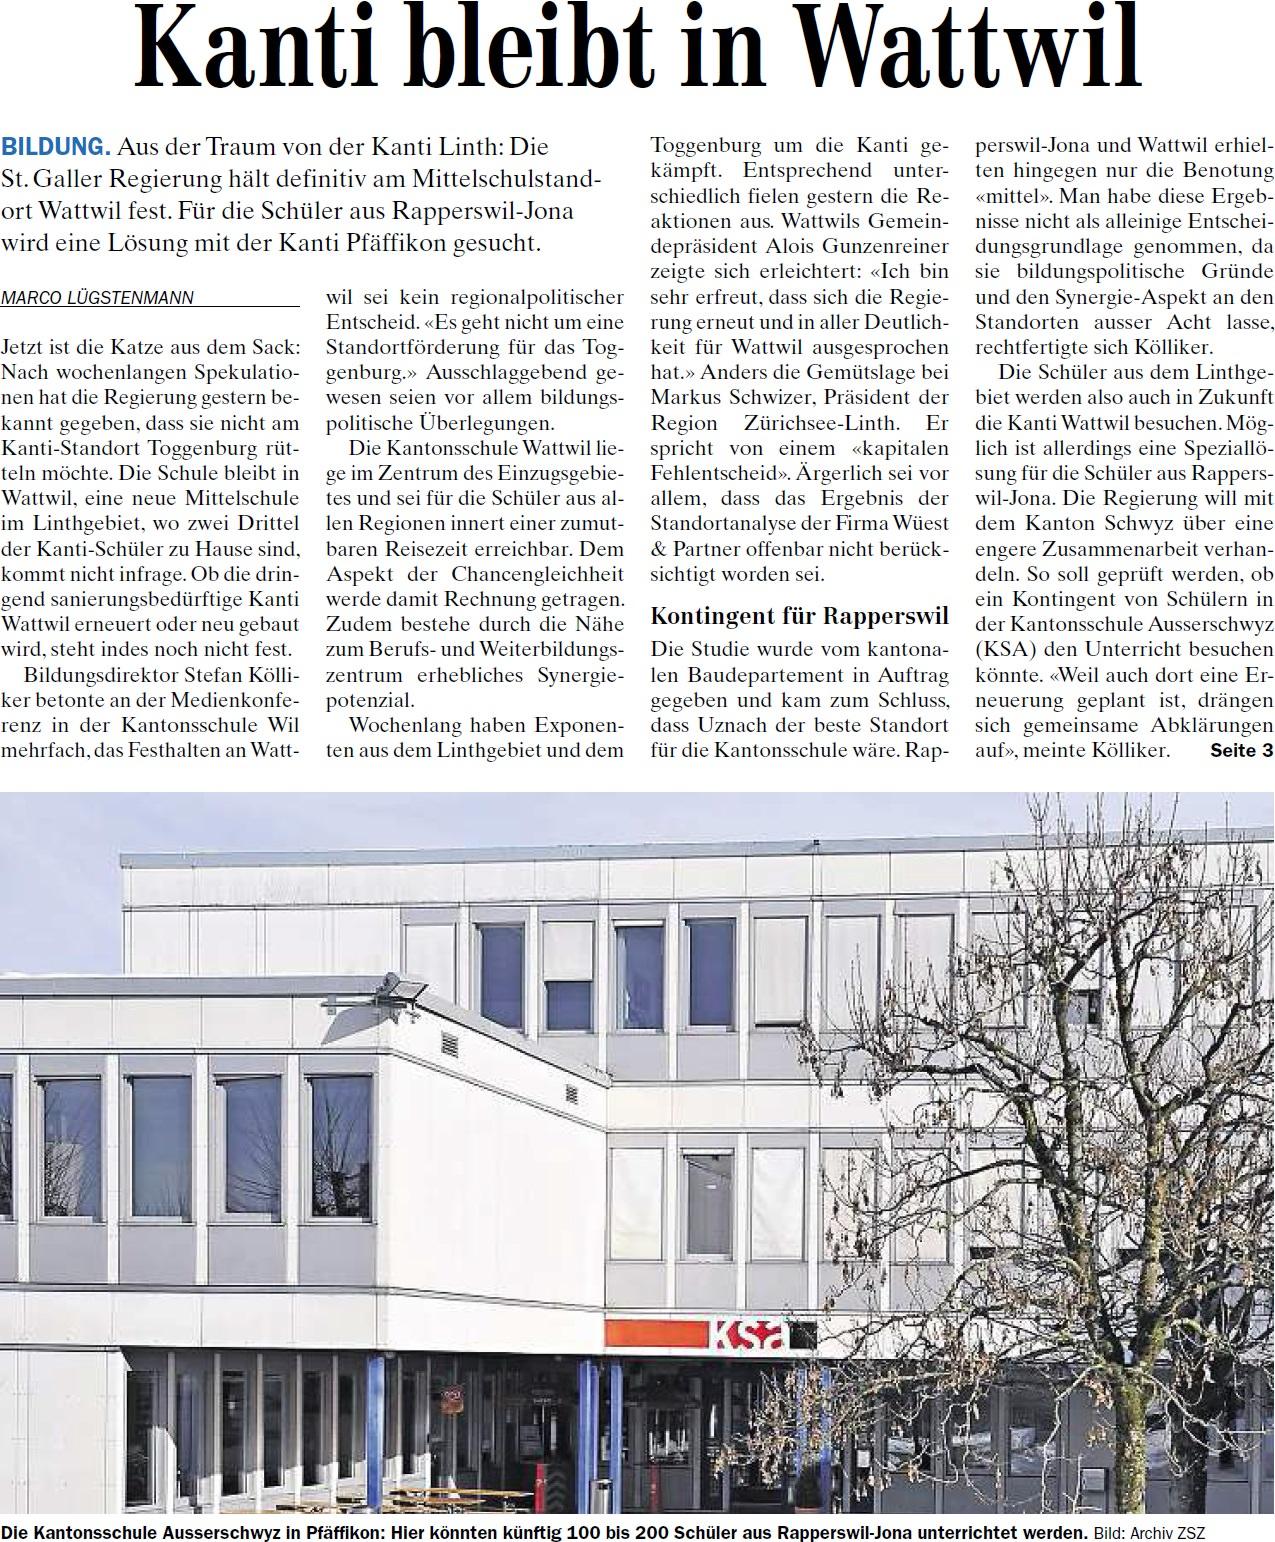 Kanti bleibt in Wattwil (Donnerstag, 08.05.2014)